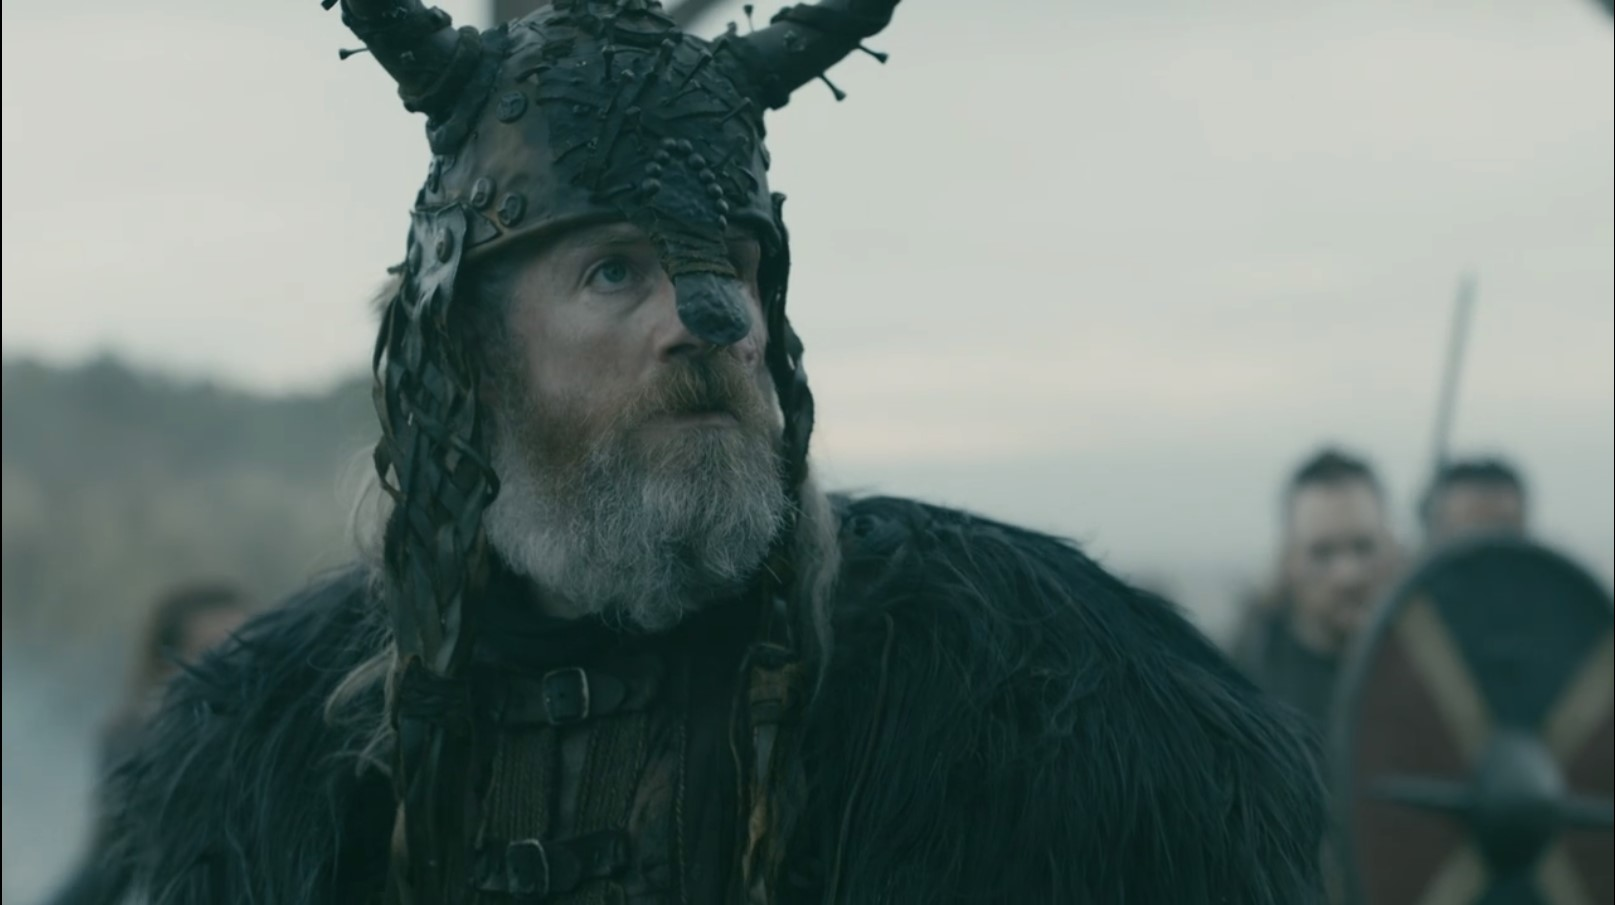 The Horned Helmet In Vikings Season 6 Part 1 Archaeo𝔡𝔢𝔞𝔱𝔥